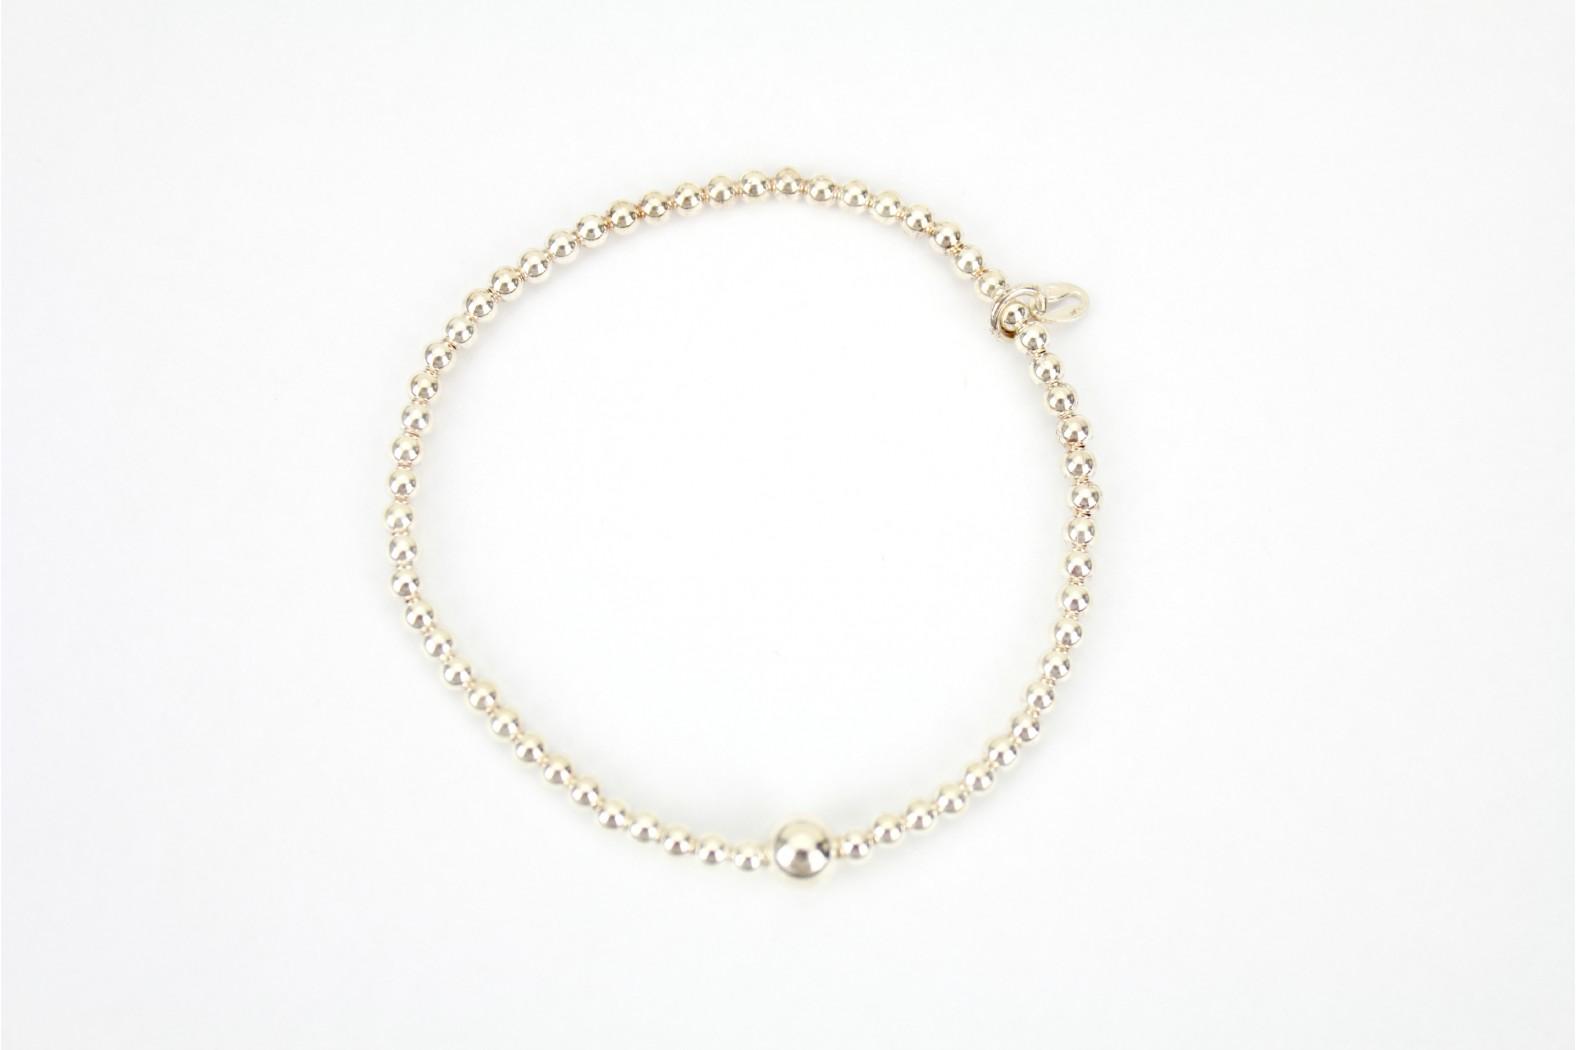 Elasticated silver ball contemporary light Bracelet